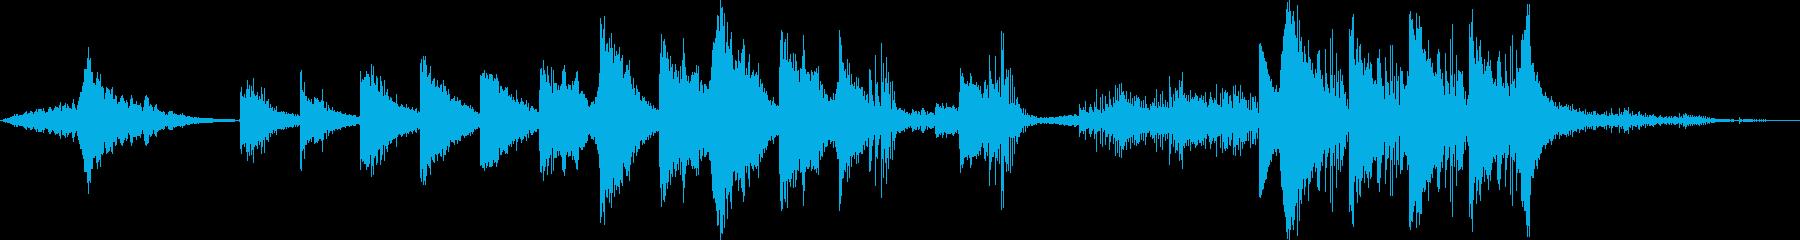 サスペンス、スパイ、怪しいエレクトロの再生済みの波形